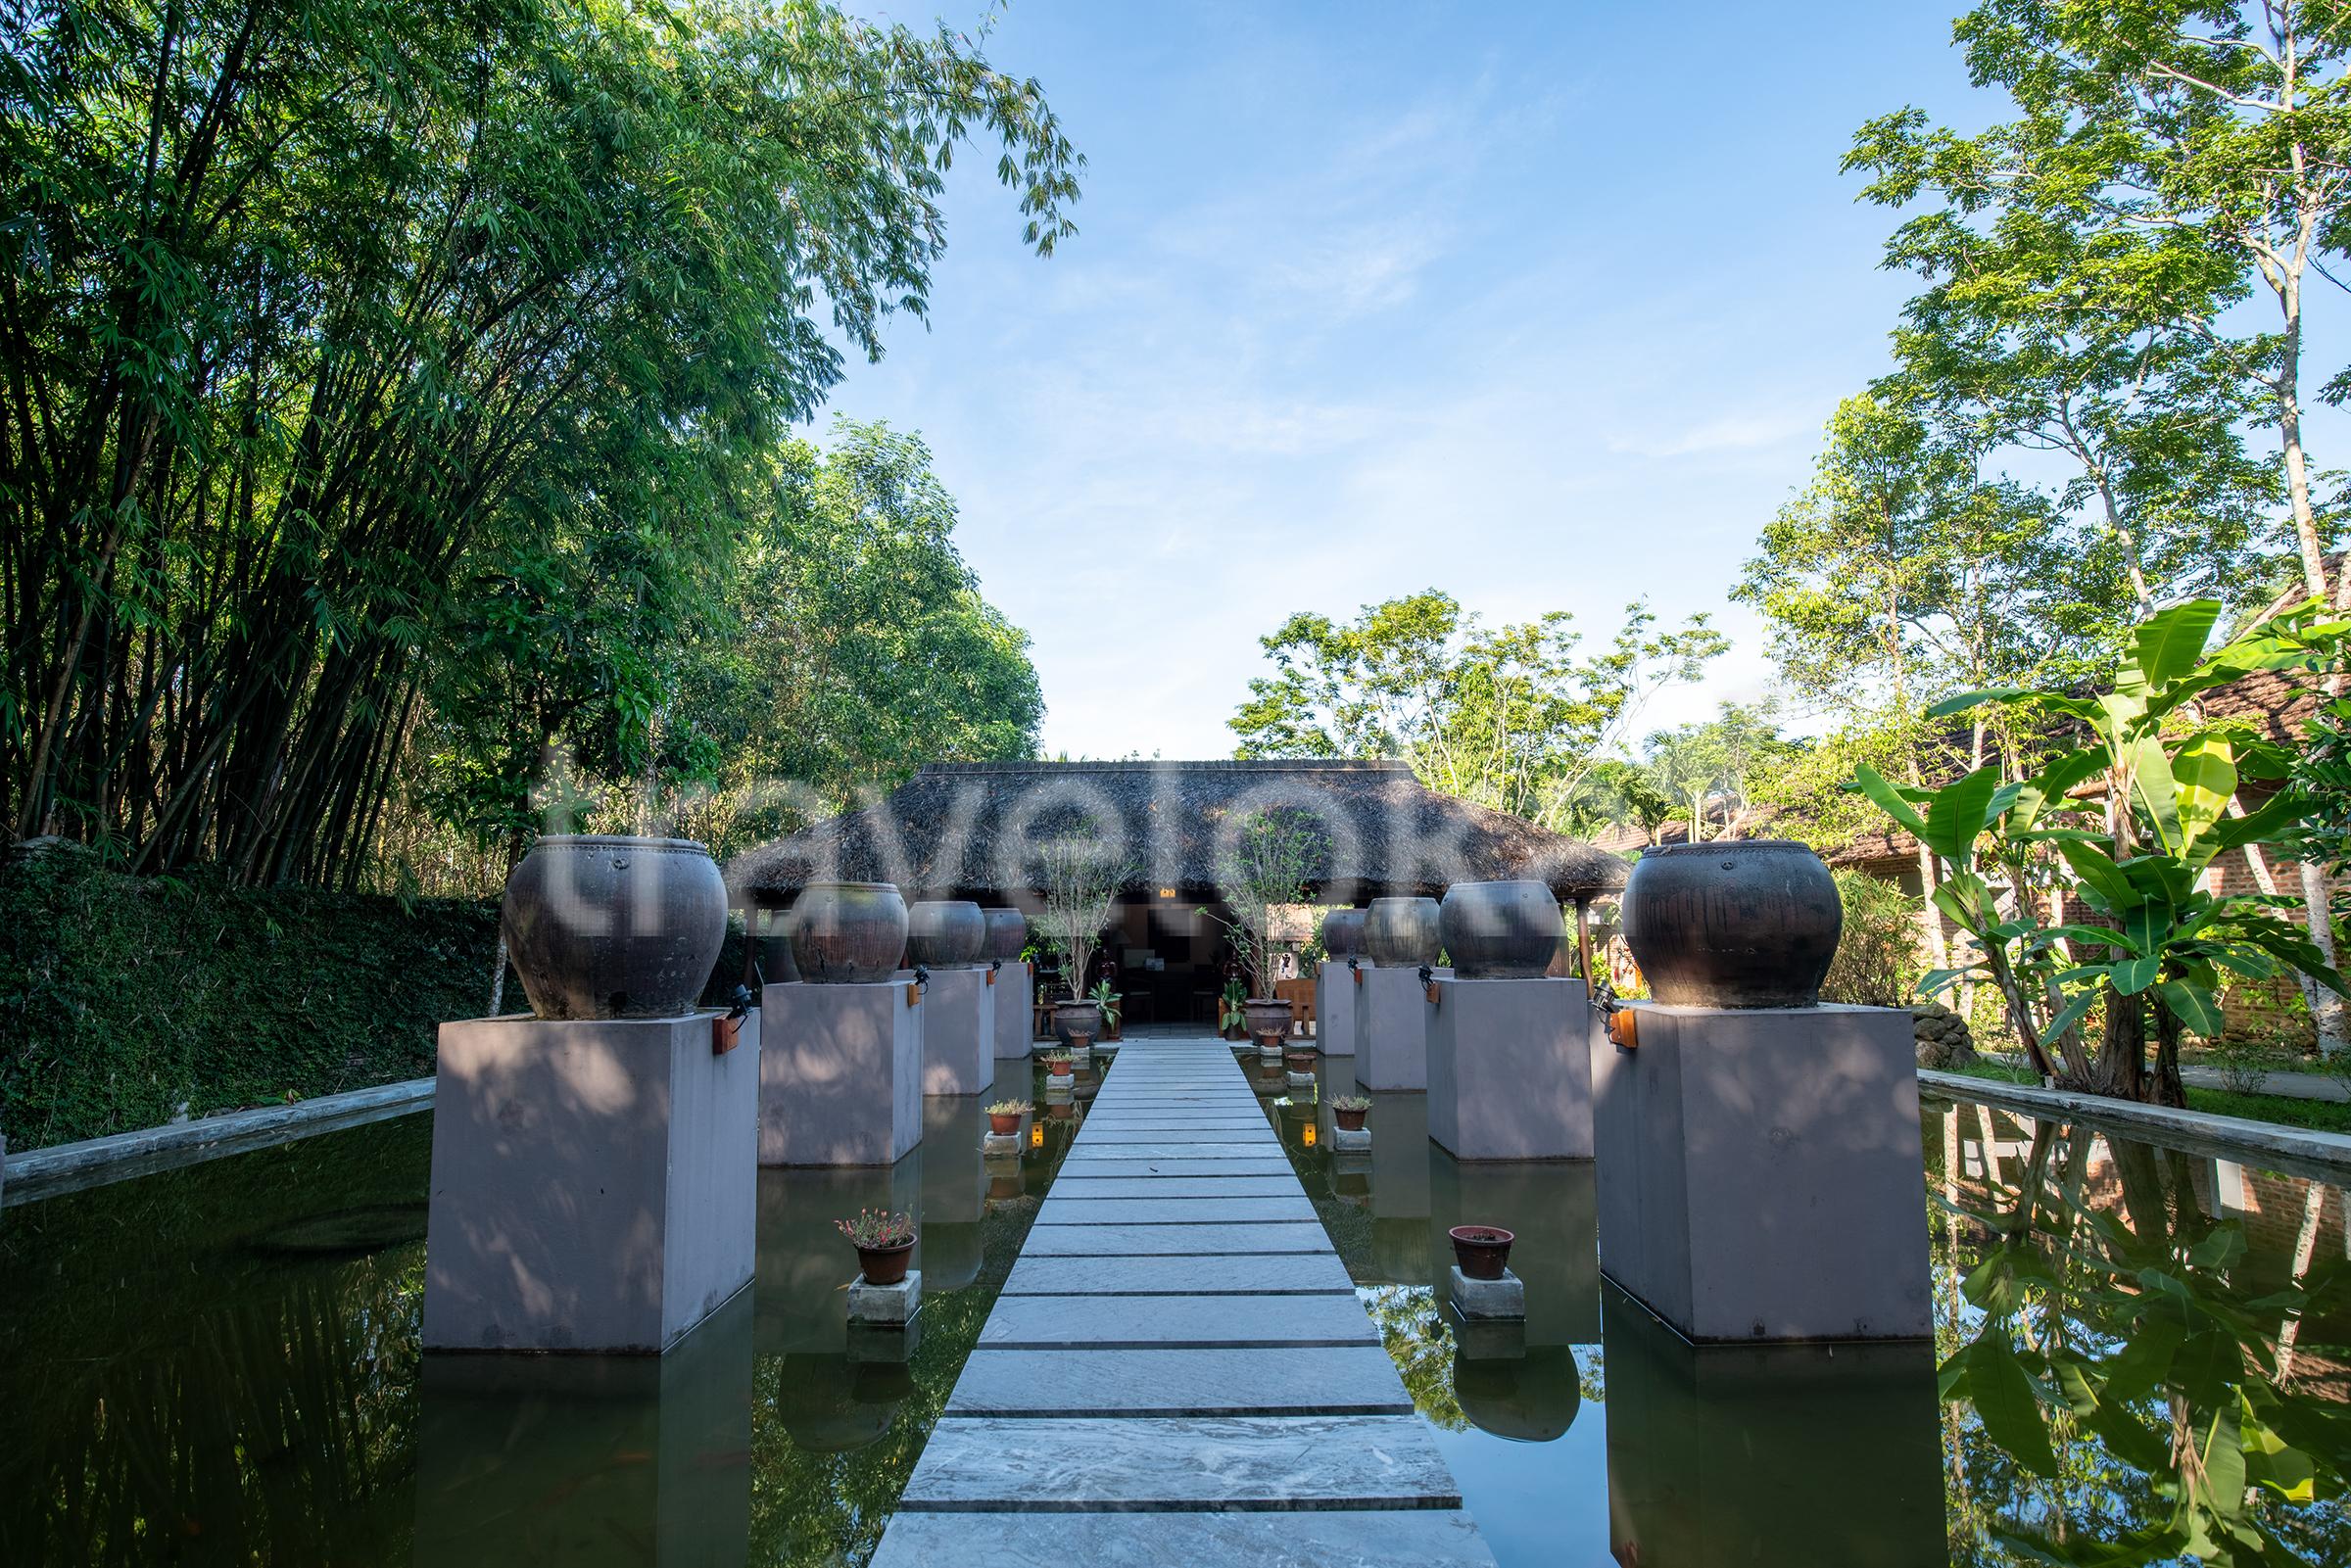 Kinh nghiệm du lịch Huế 1 ngày - Pilgrimage Village